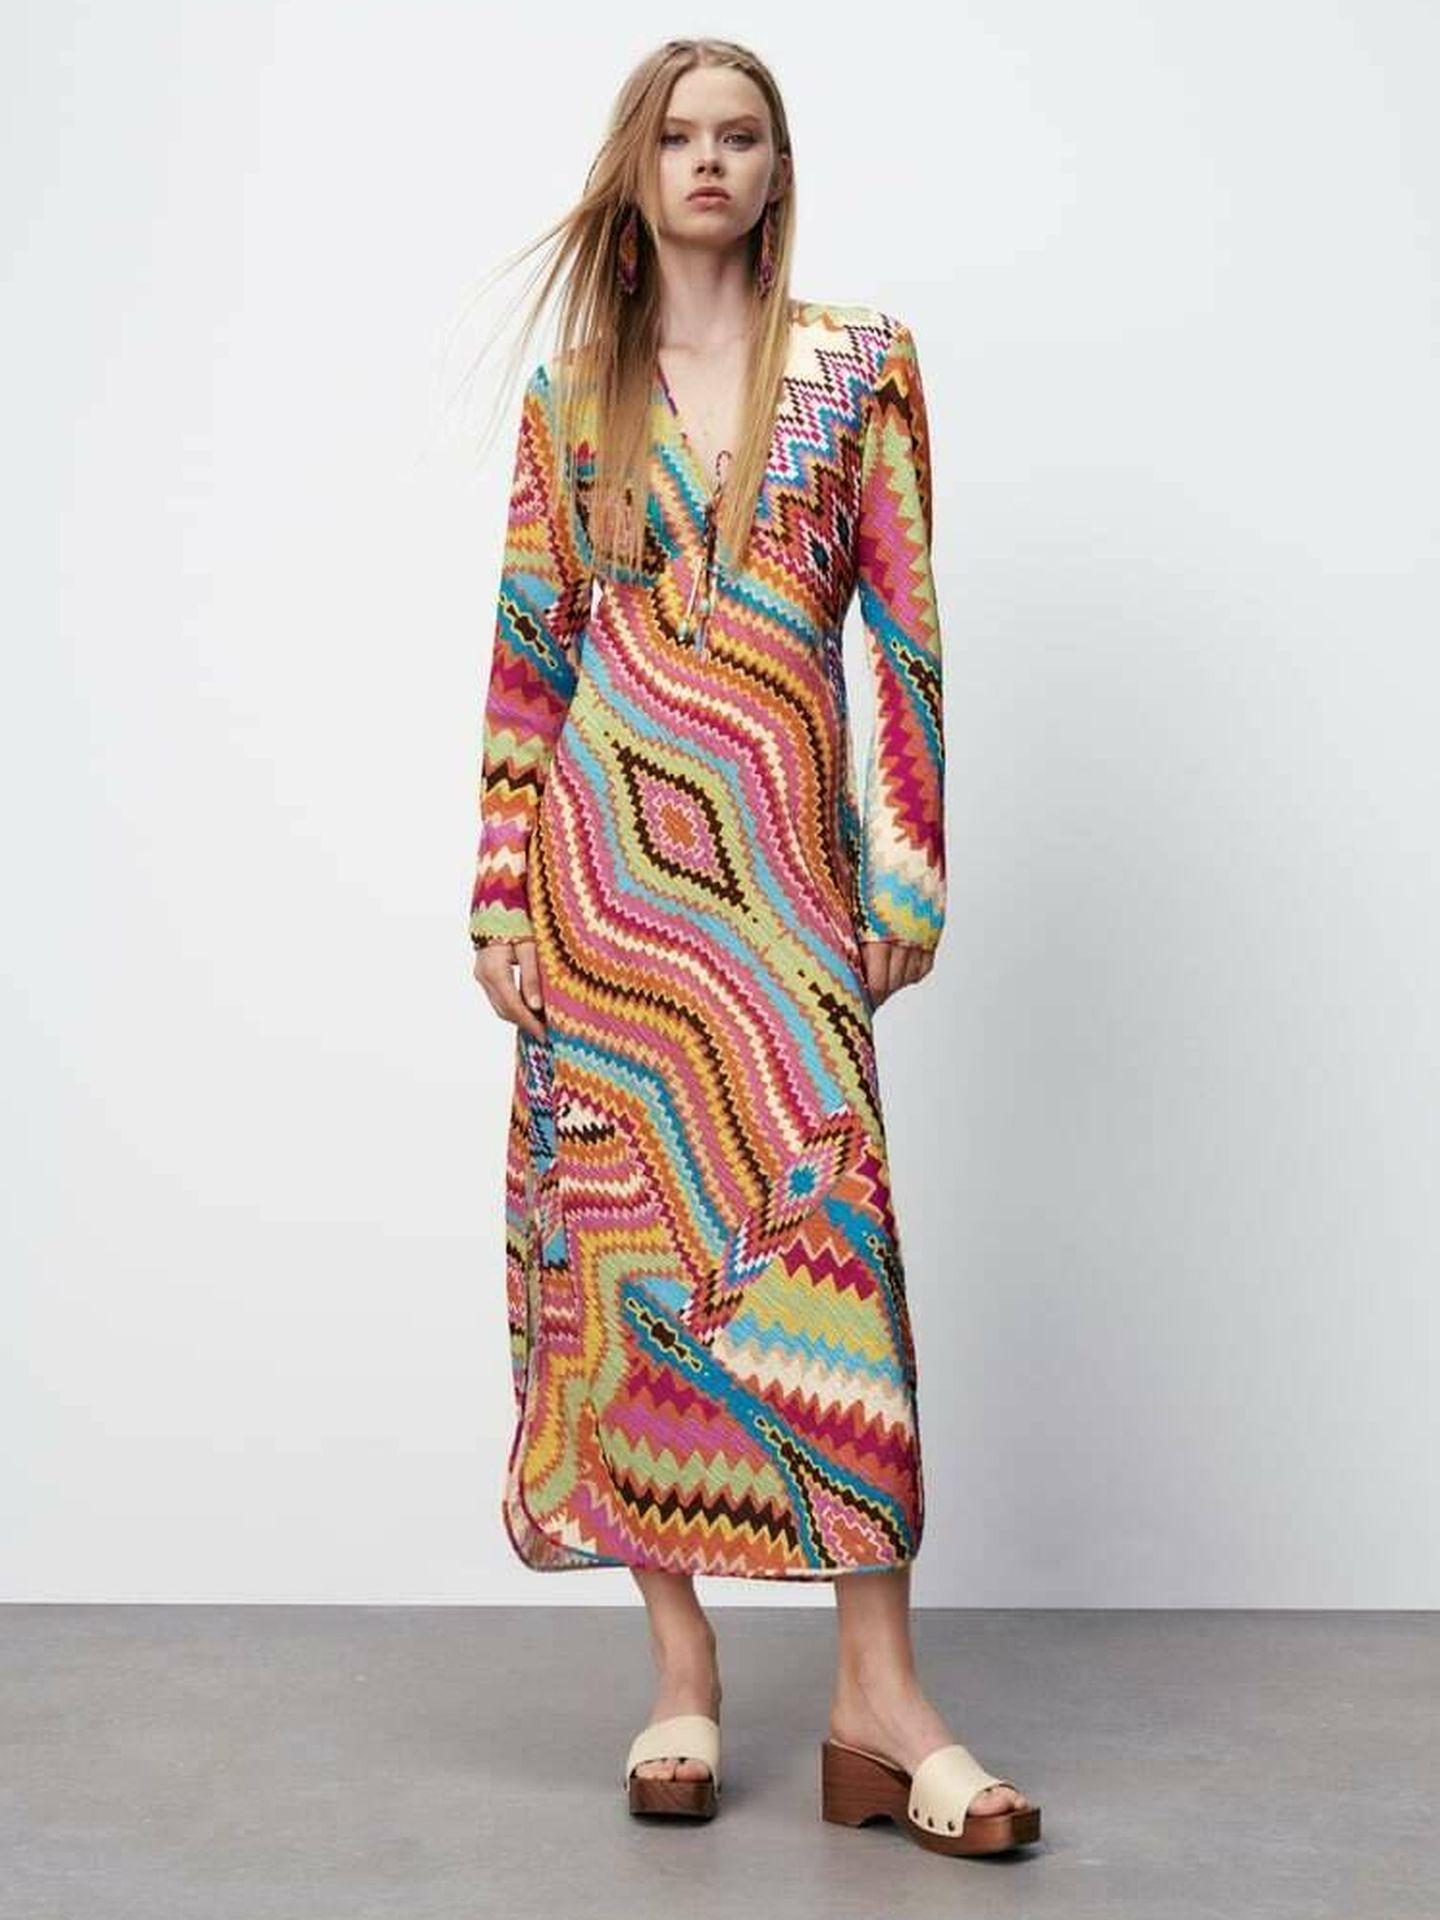 El nuevo vestido viral de Zara. (Cortesía)